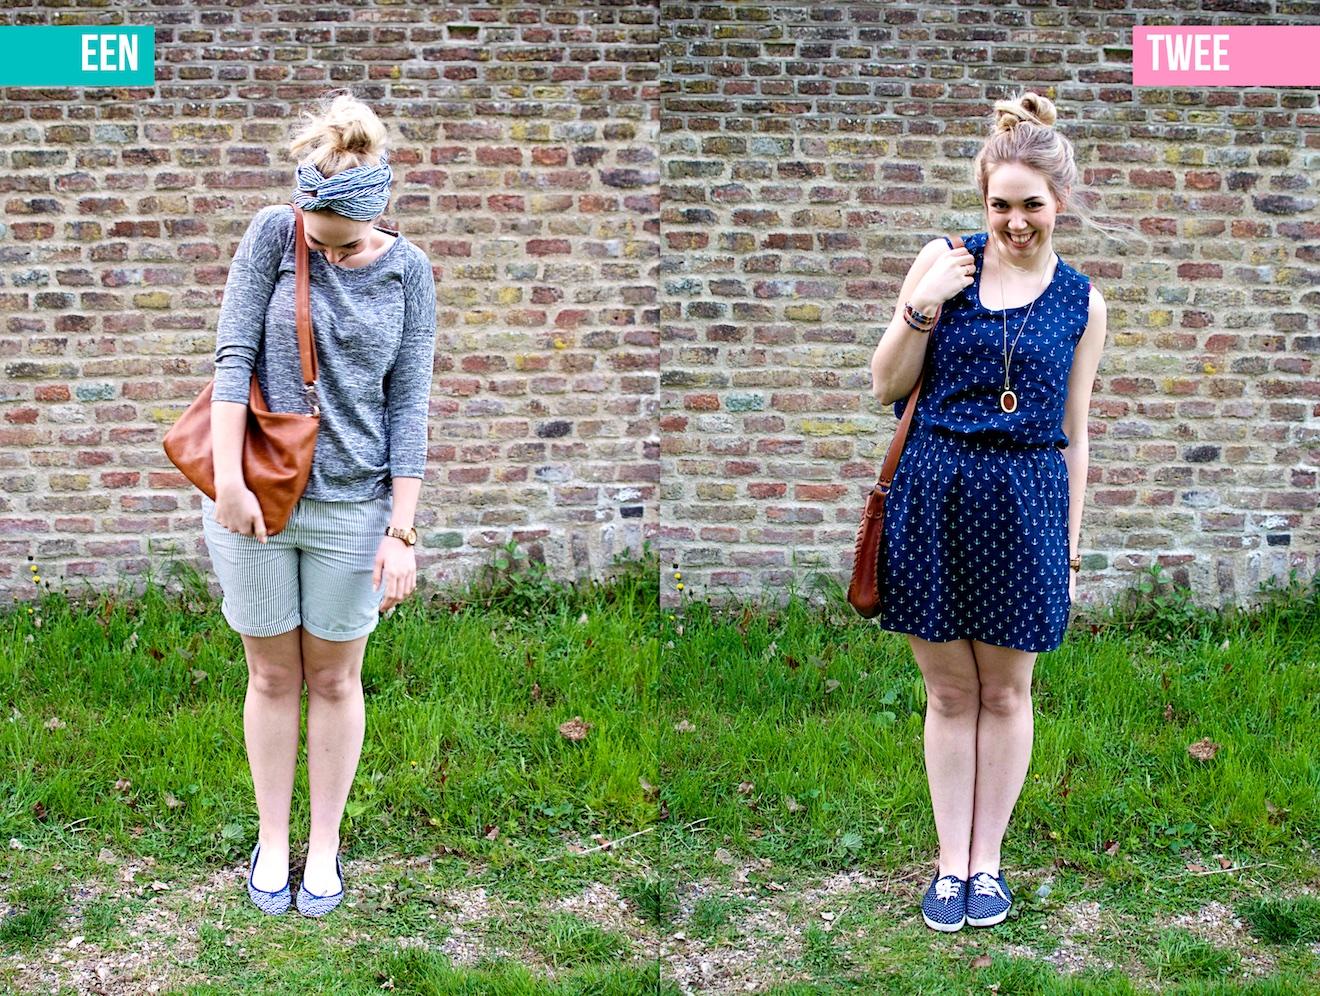 Zes outfit met zes kledingstukken (1)